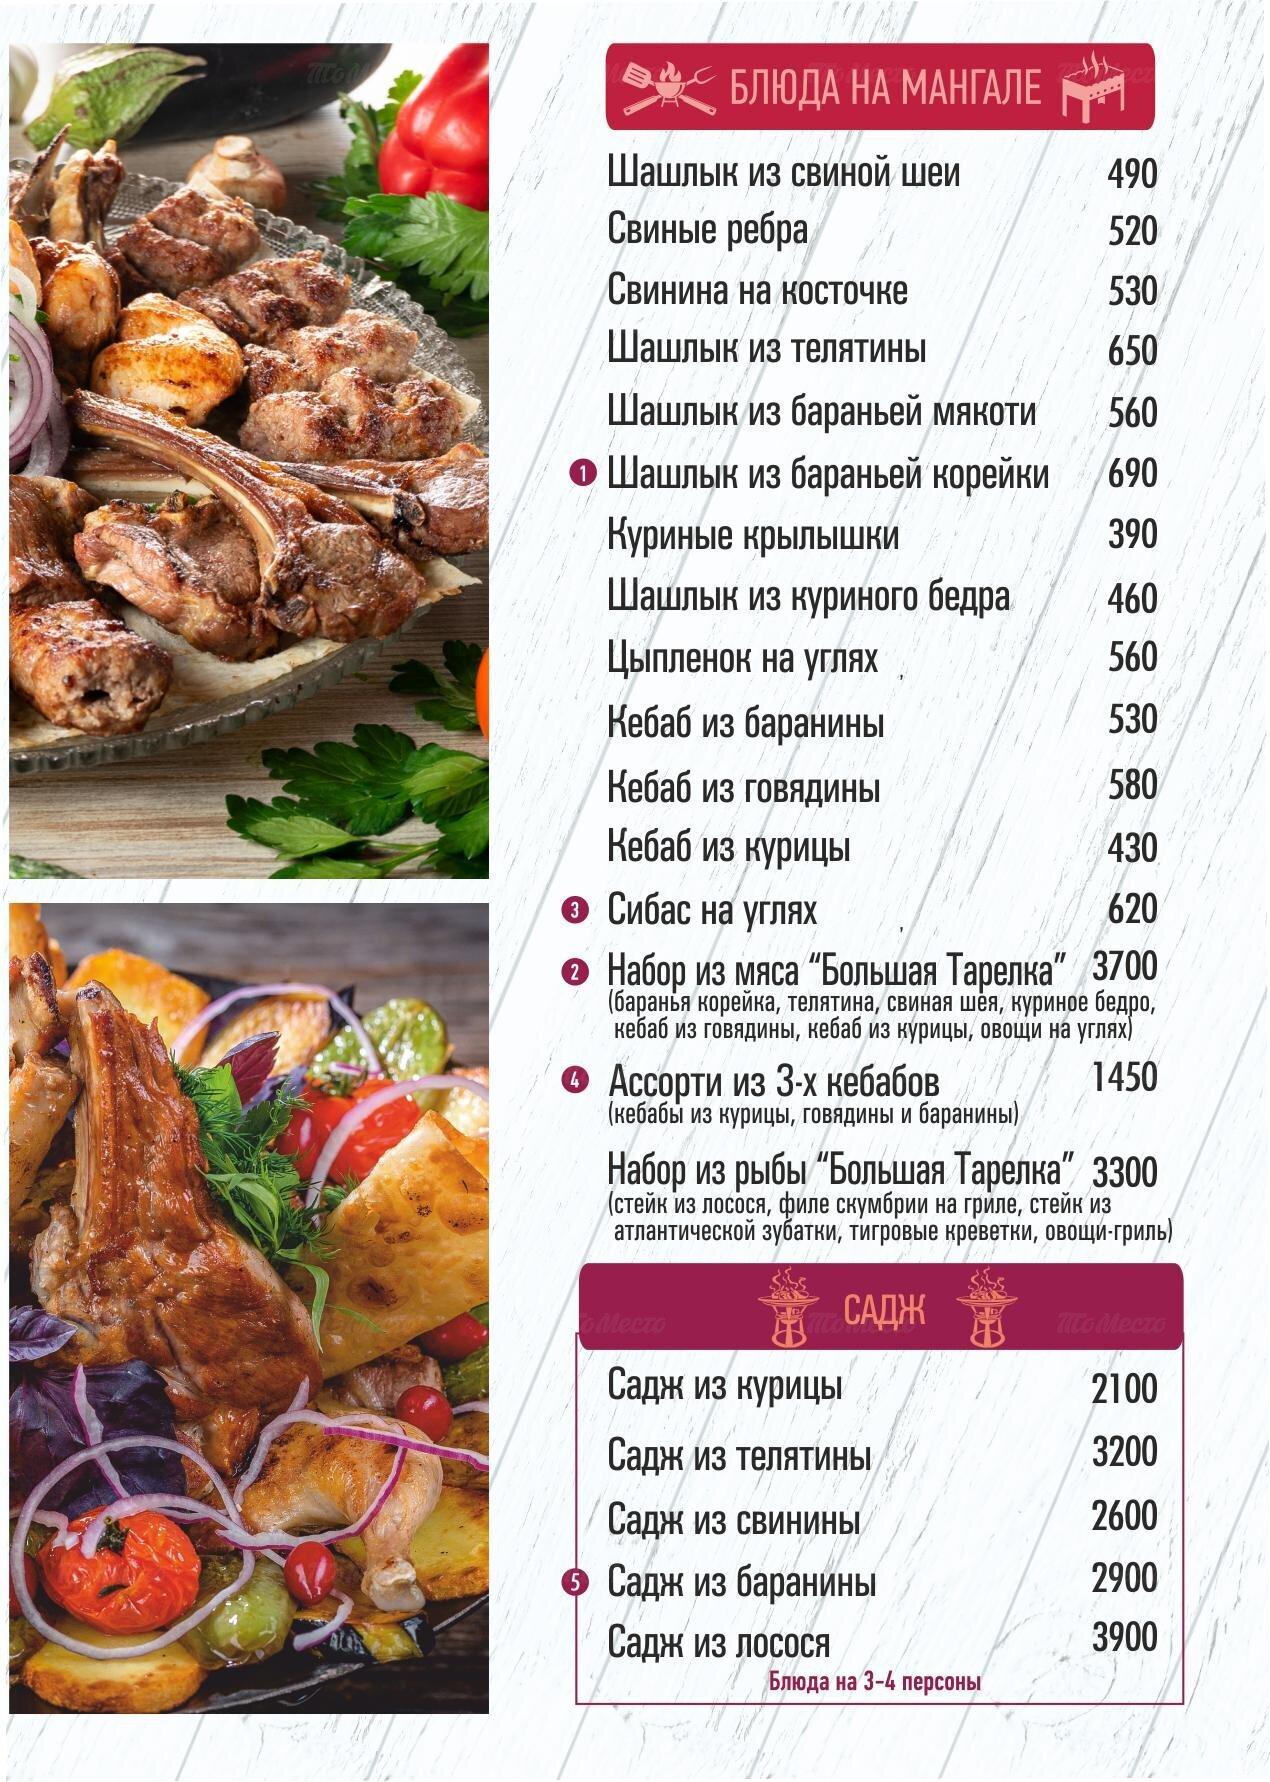 Меню ресторана Мускат на Камышовой улице фото 7